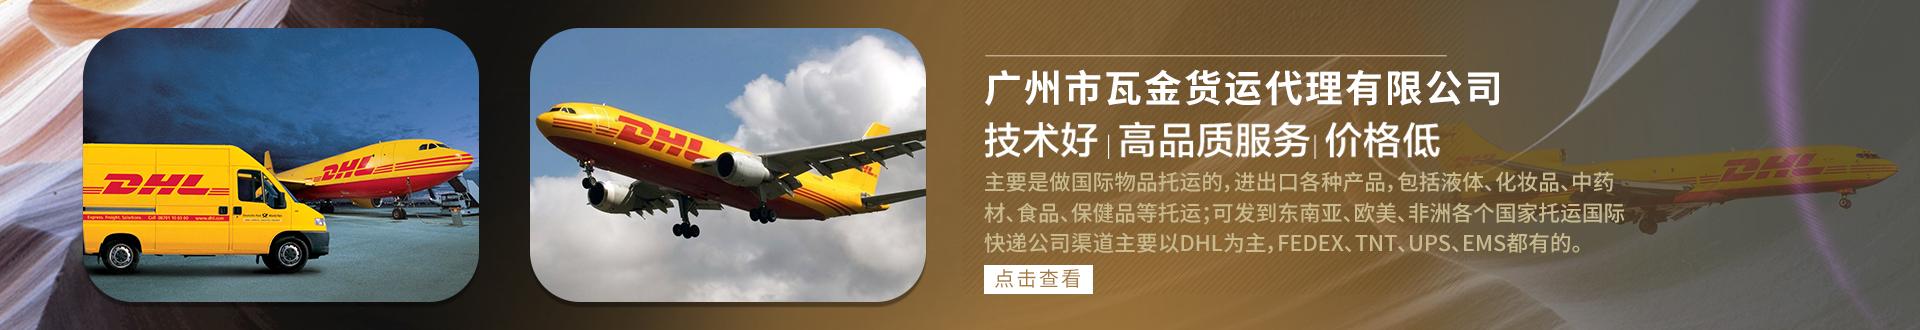 广州市瓦金货运代理有限公司